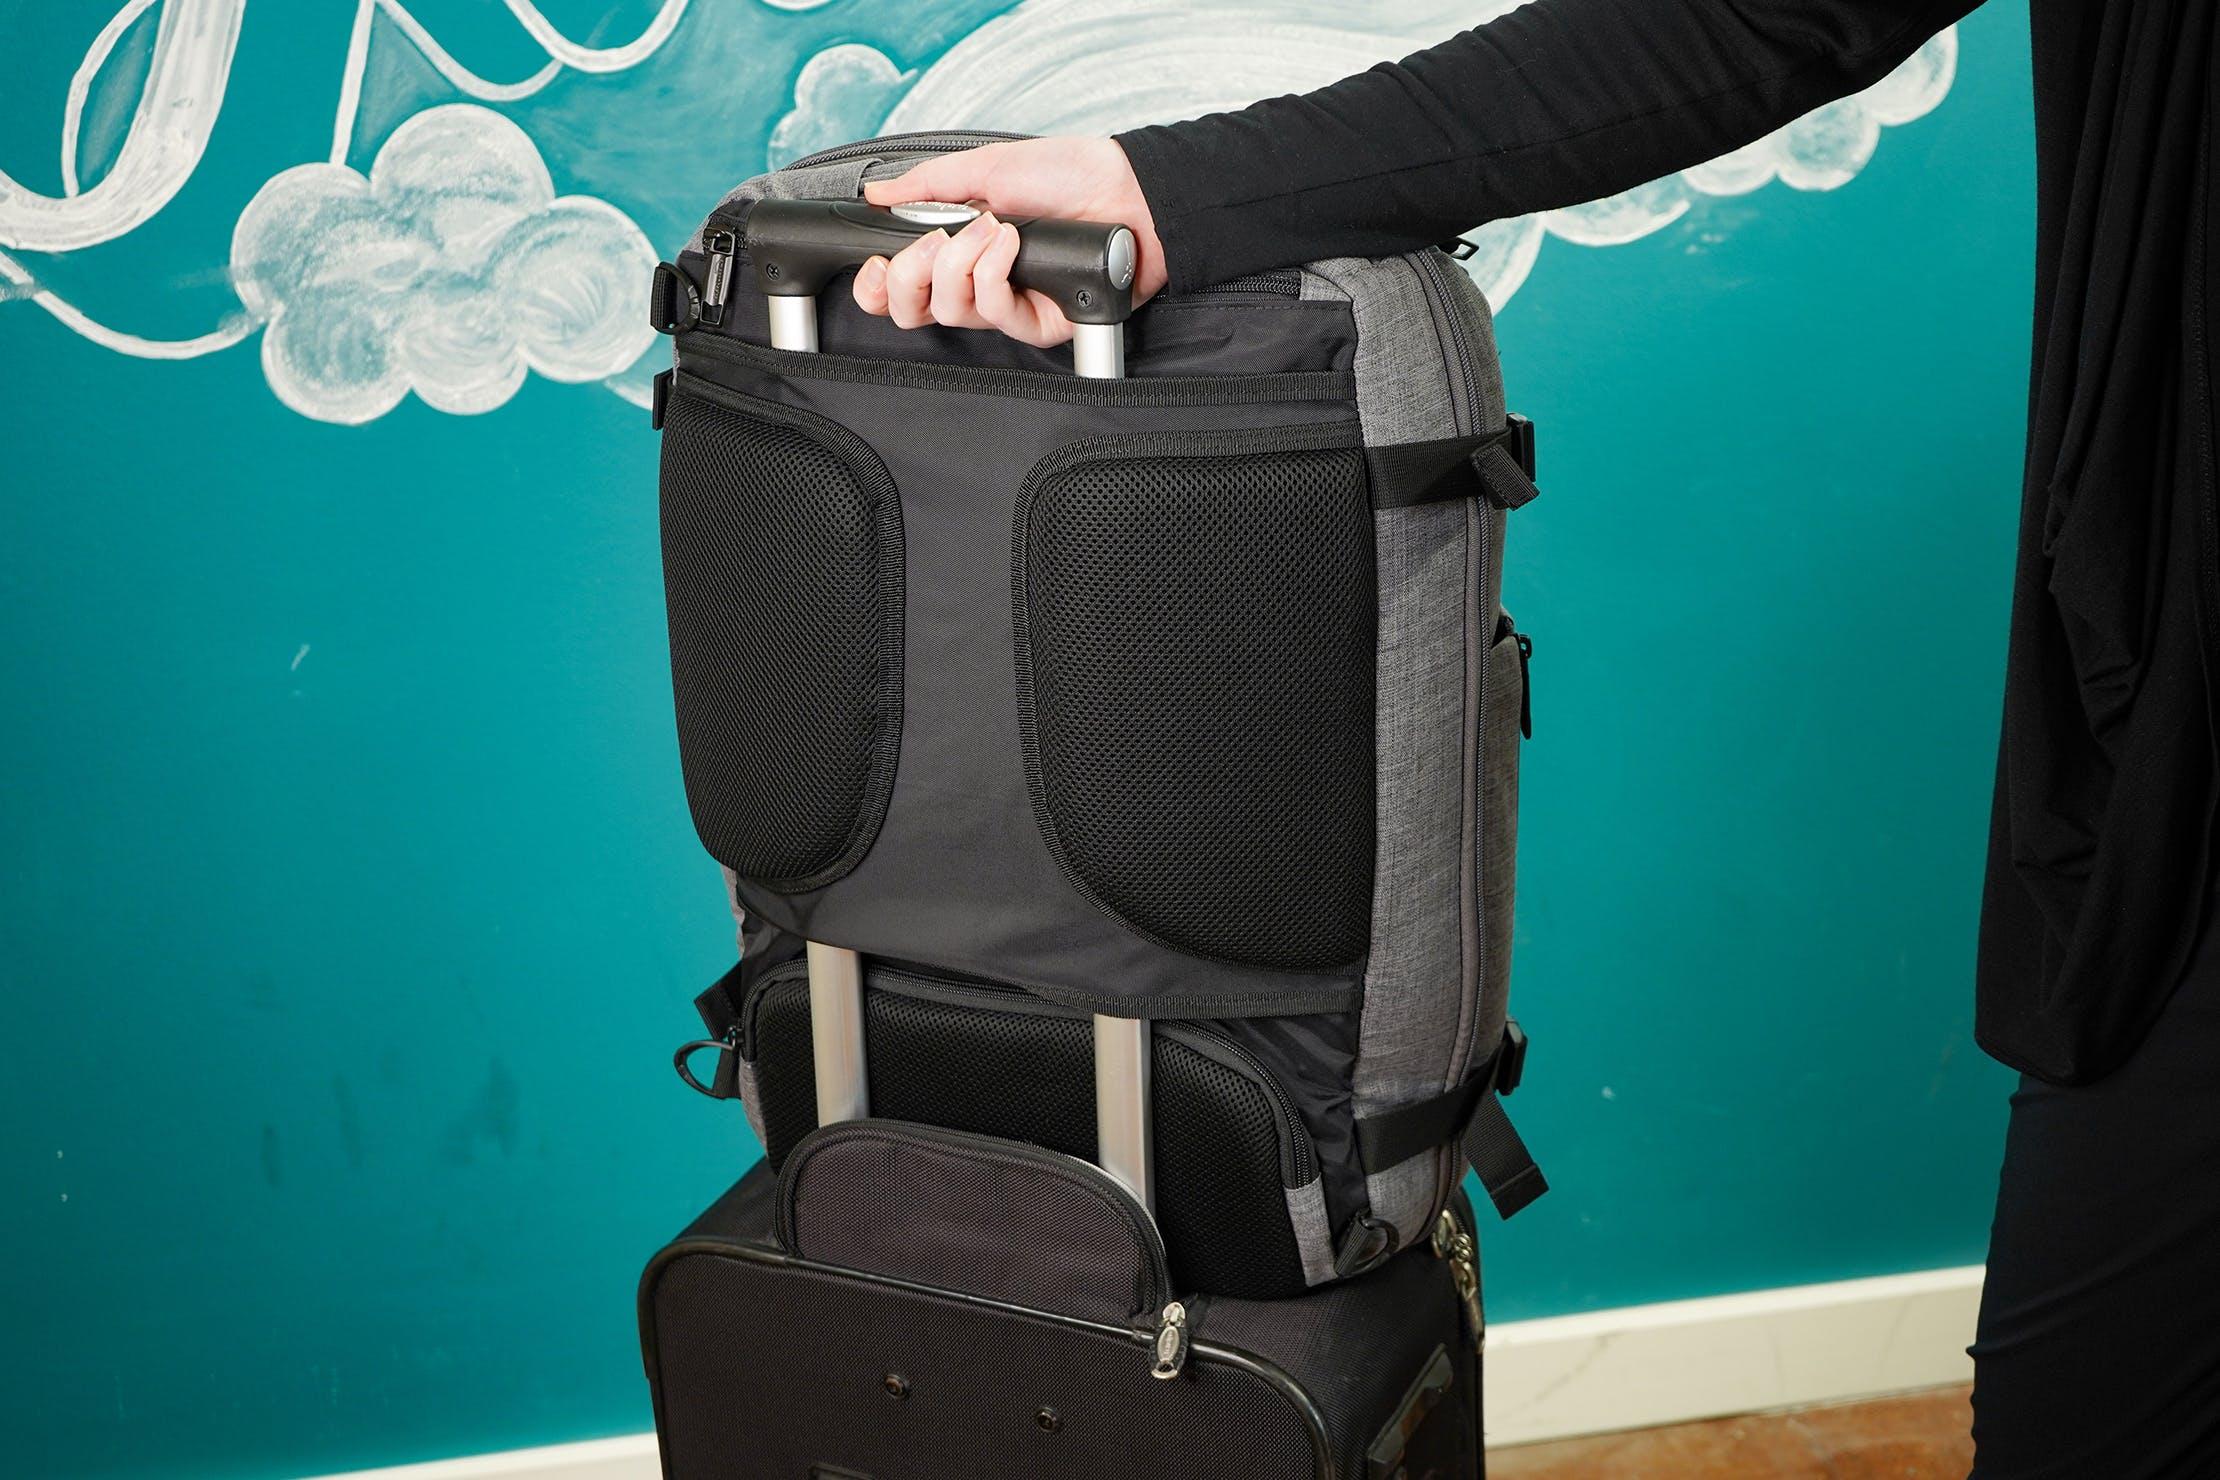 AmazonBasics Slim Travel Backpack Weekender Luggage Pass Through